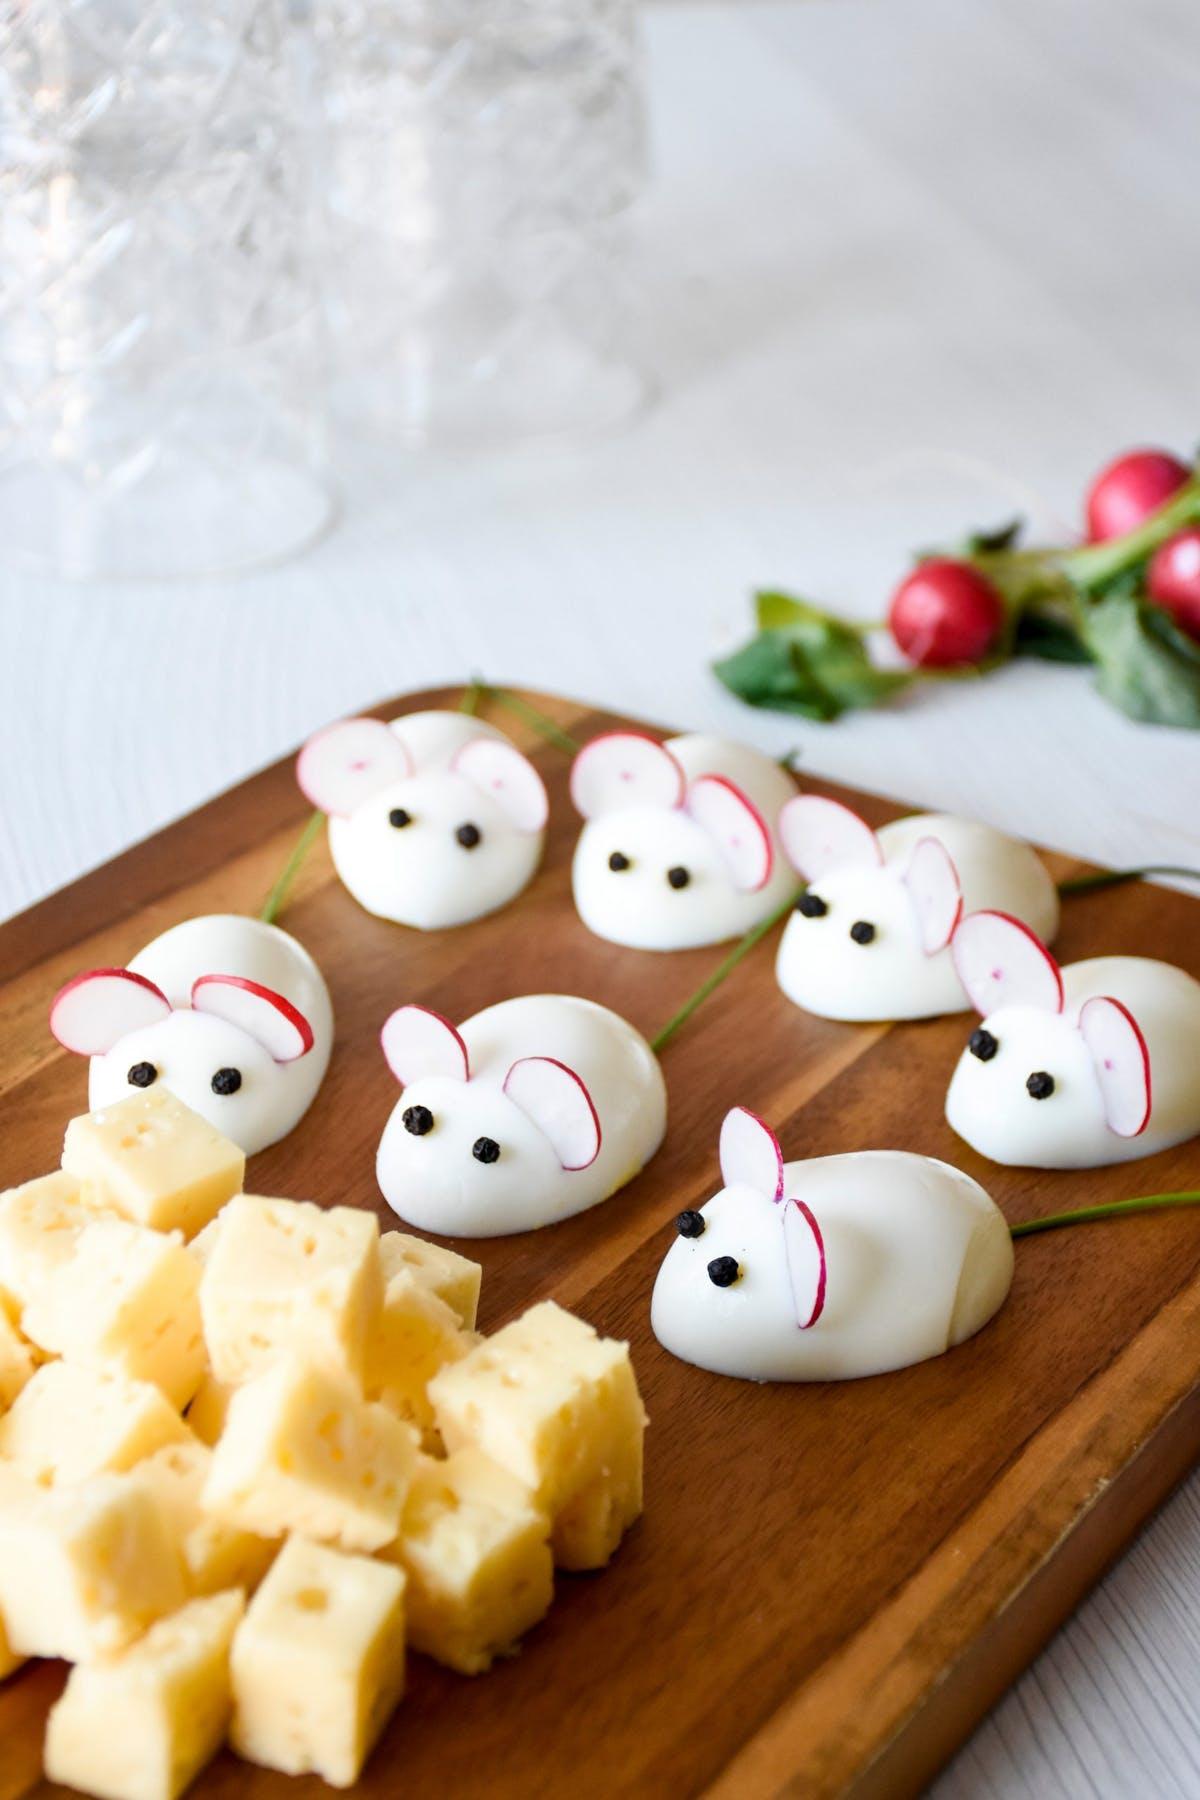 Ratoncitos de huevo keto